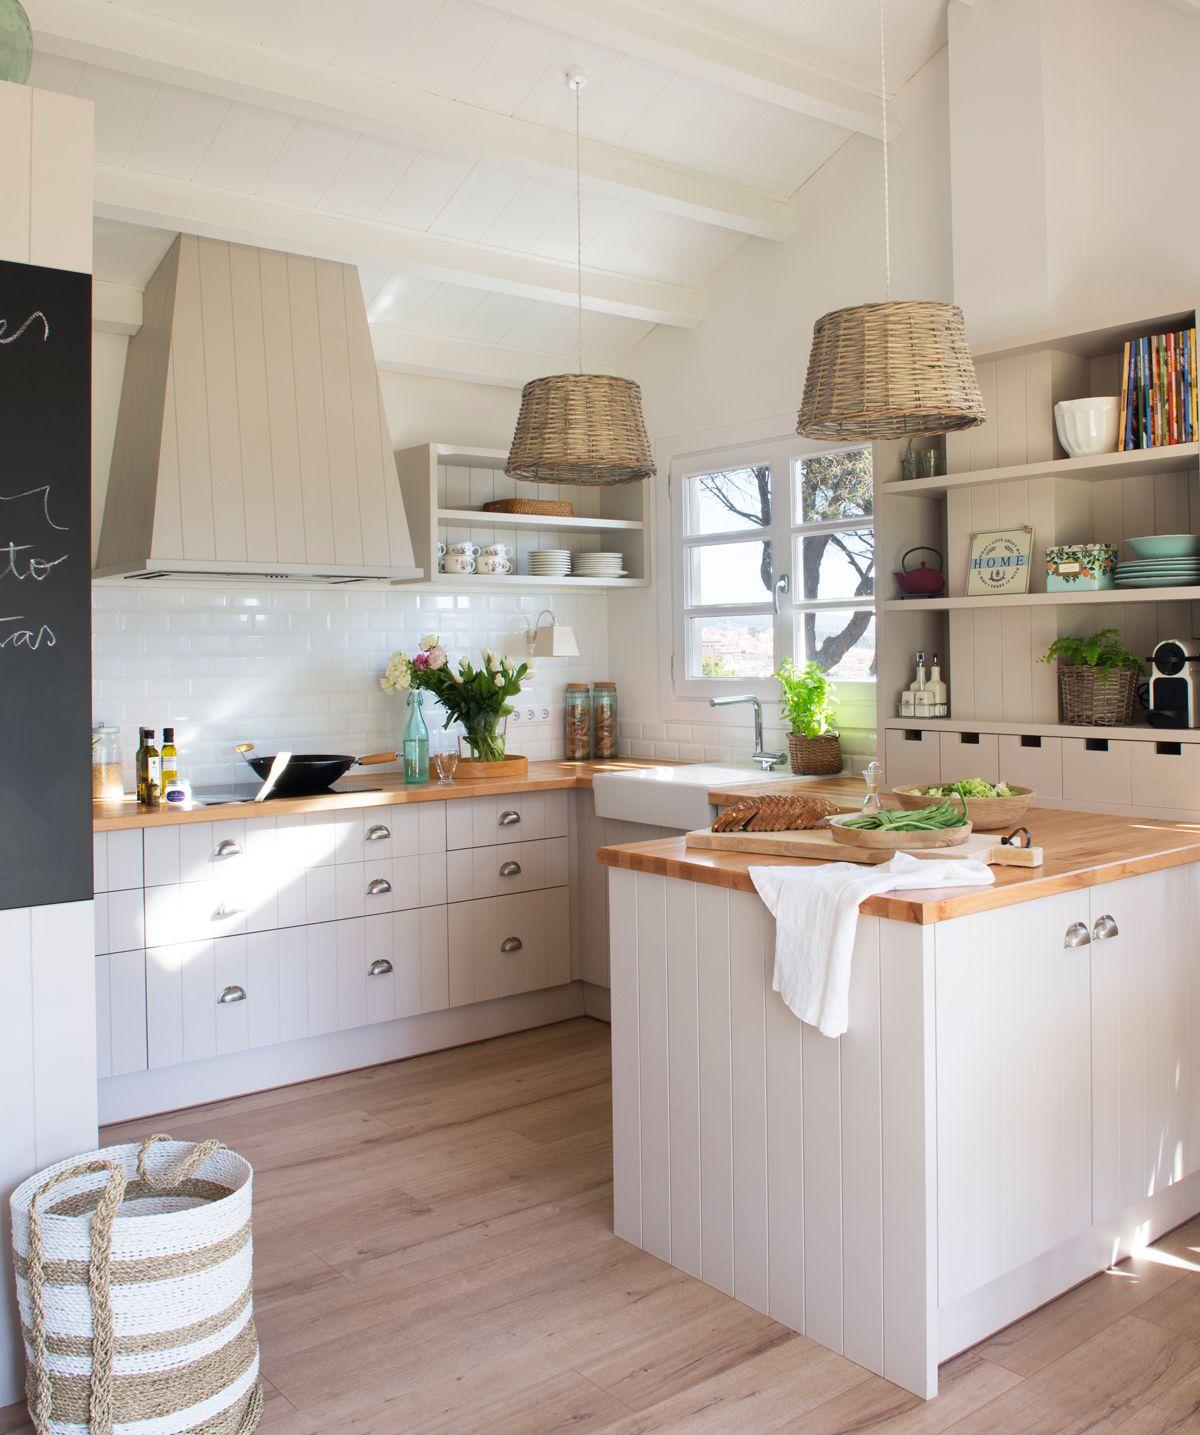 Pin de Sara S en DECO Kitchen  Decoración de cocina moderna